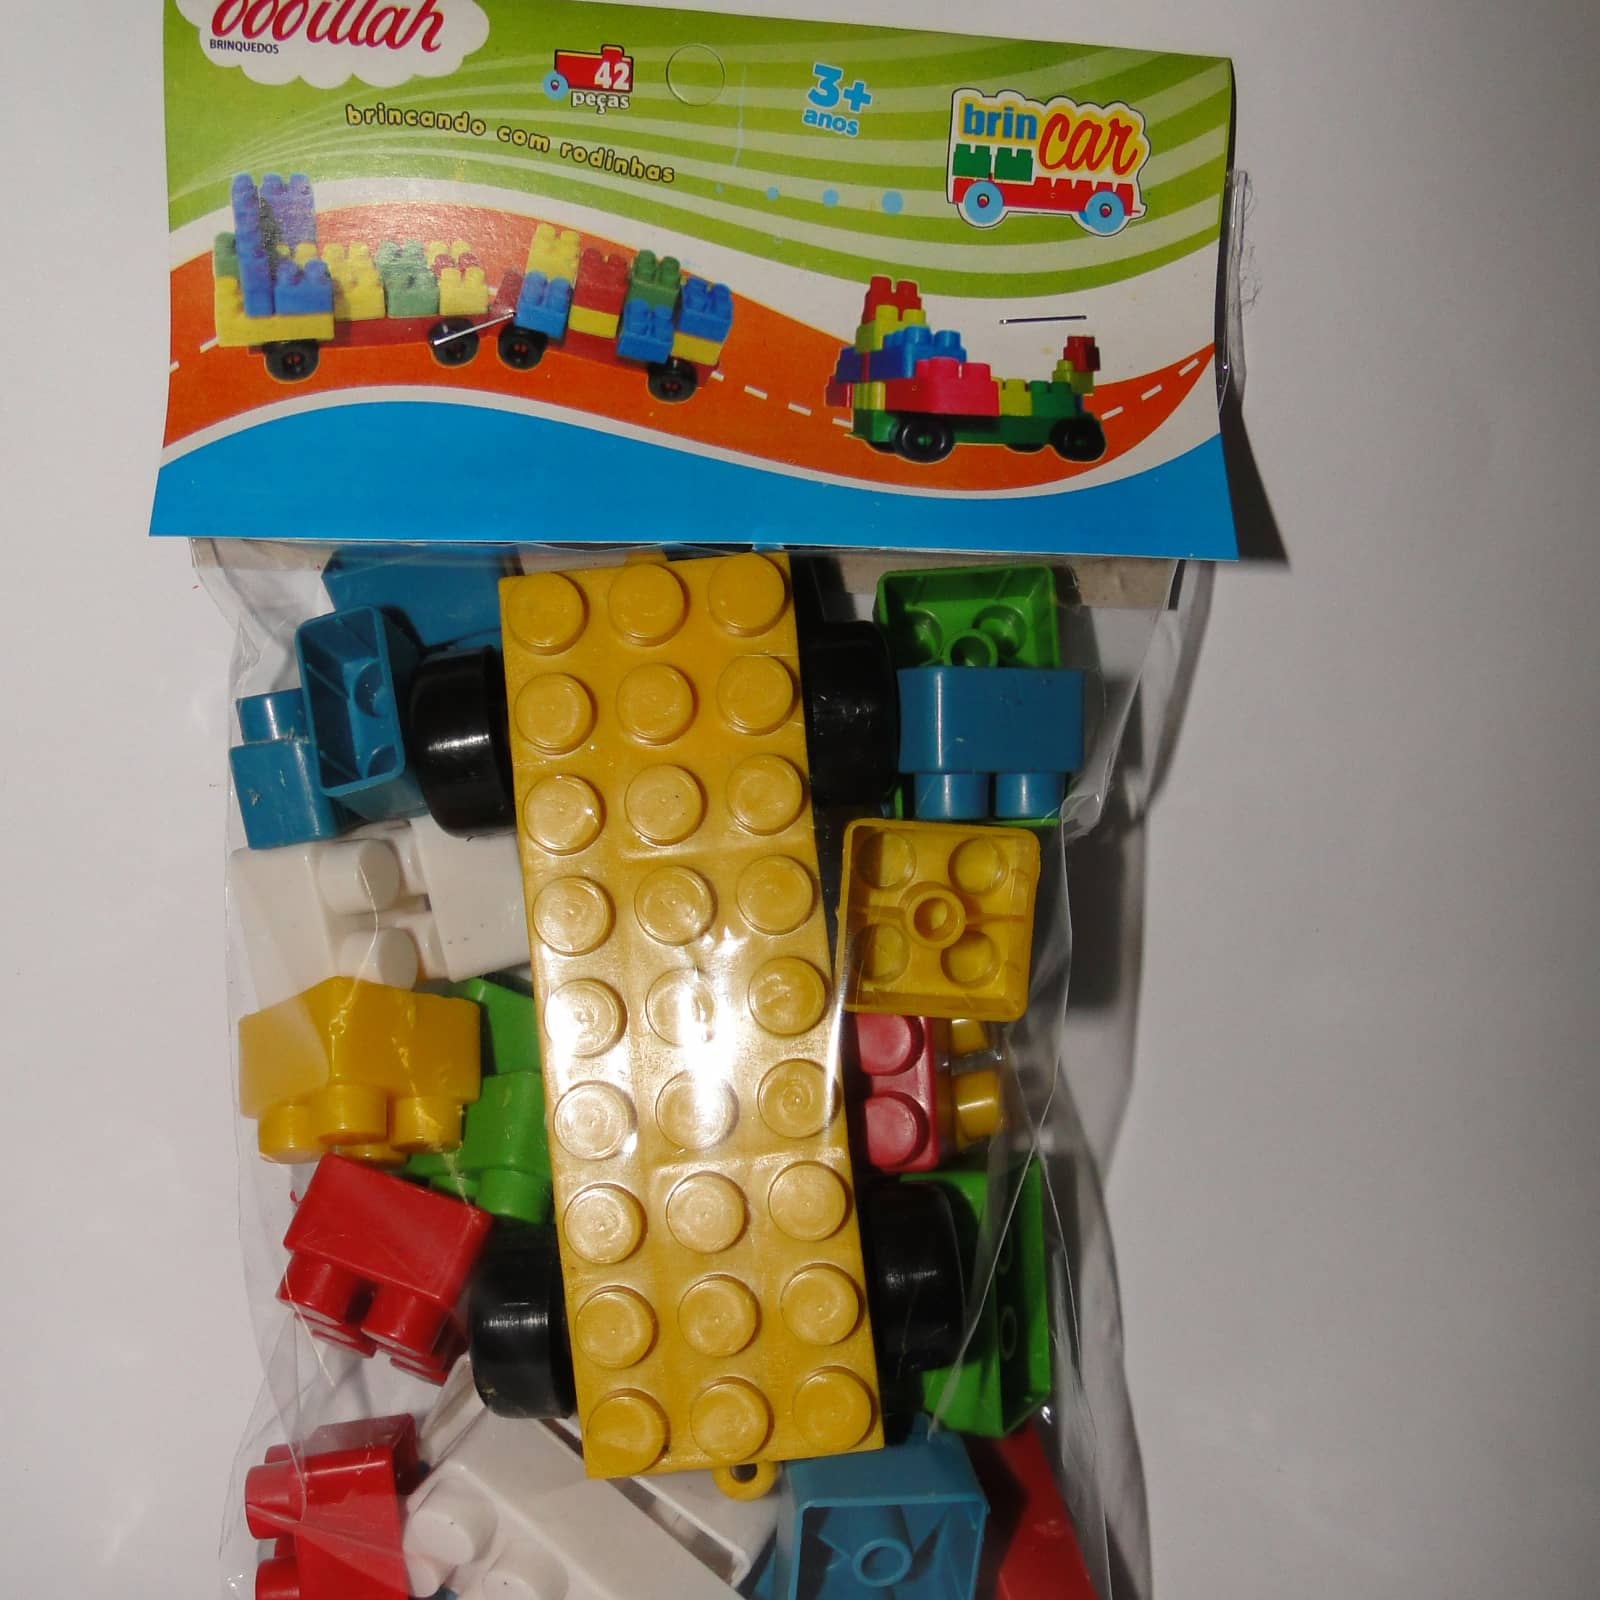 Brincar 42 peças - Ref 036